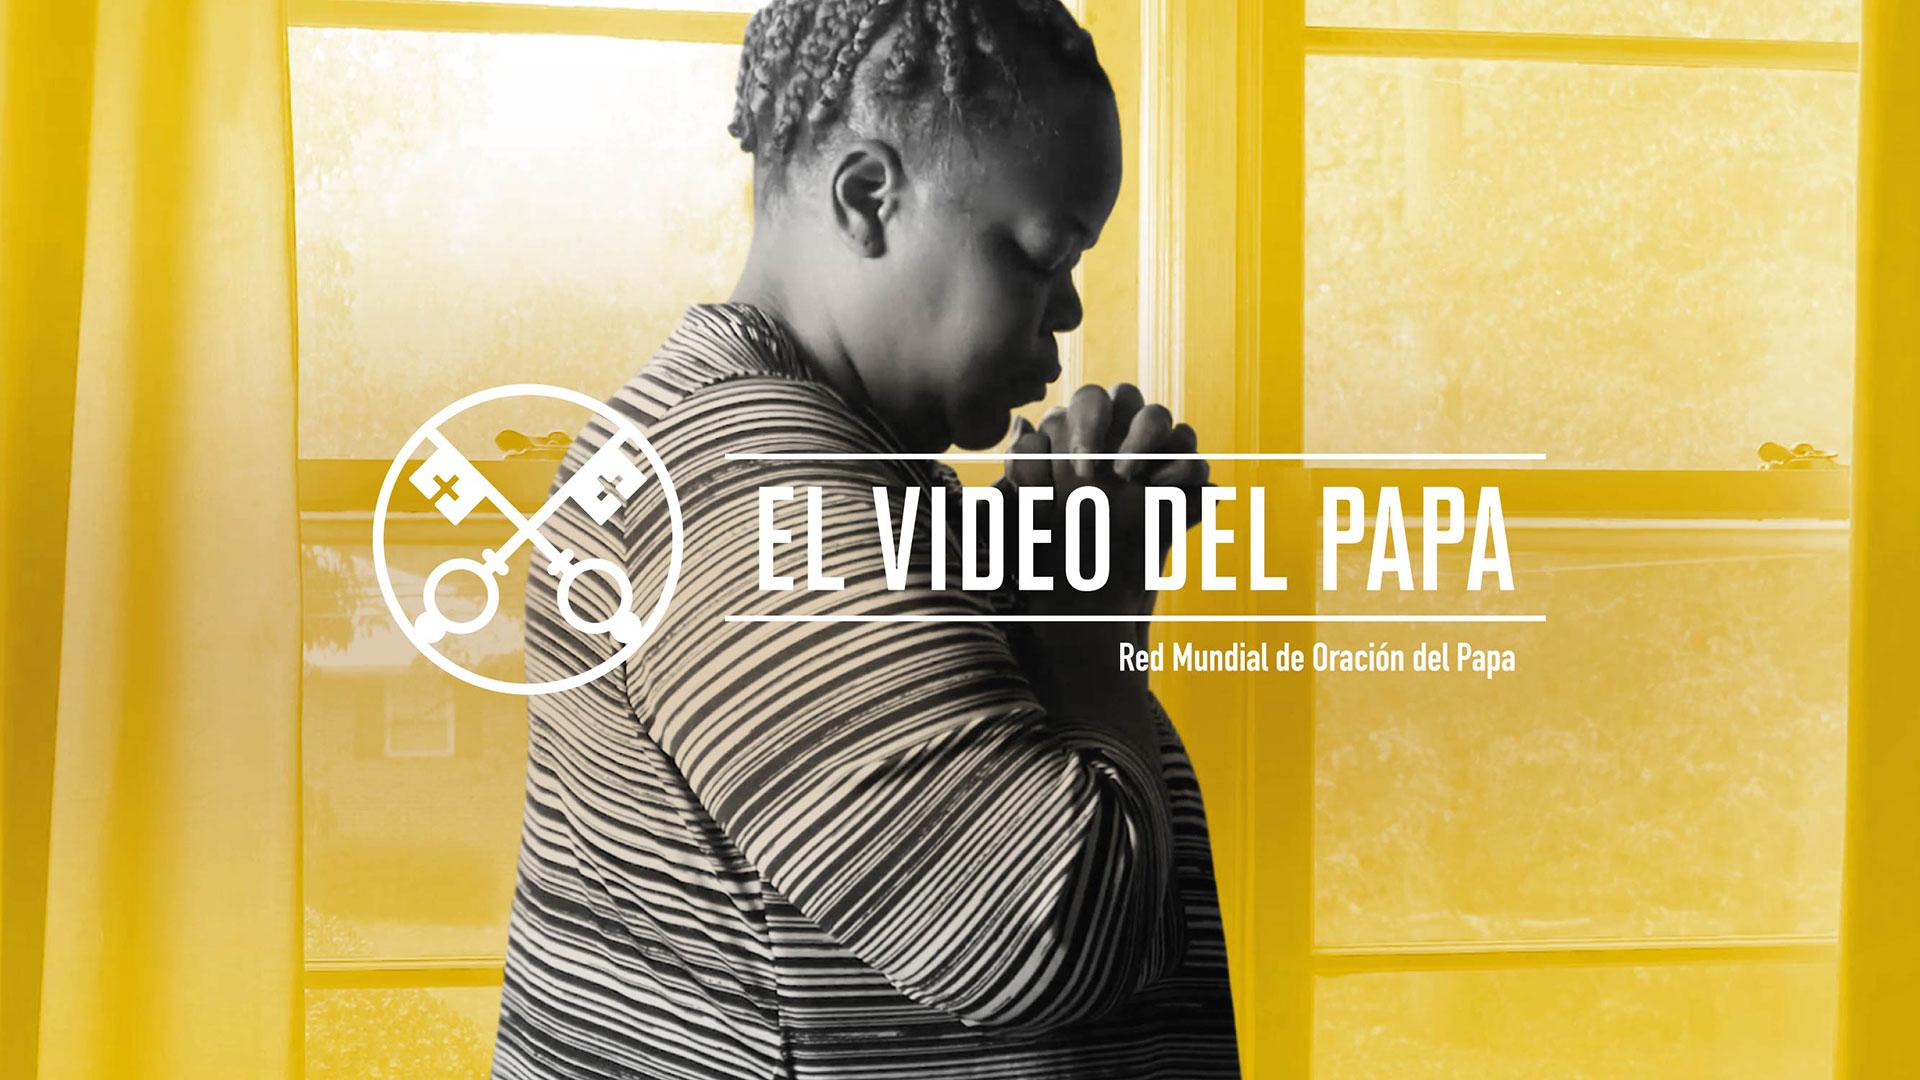 Por una vida de oración – El Video del Papa